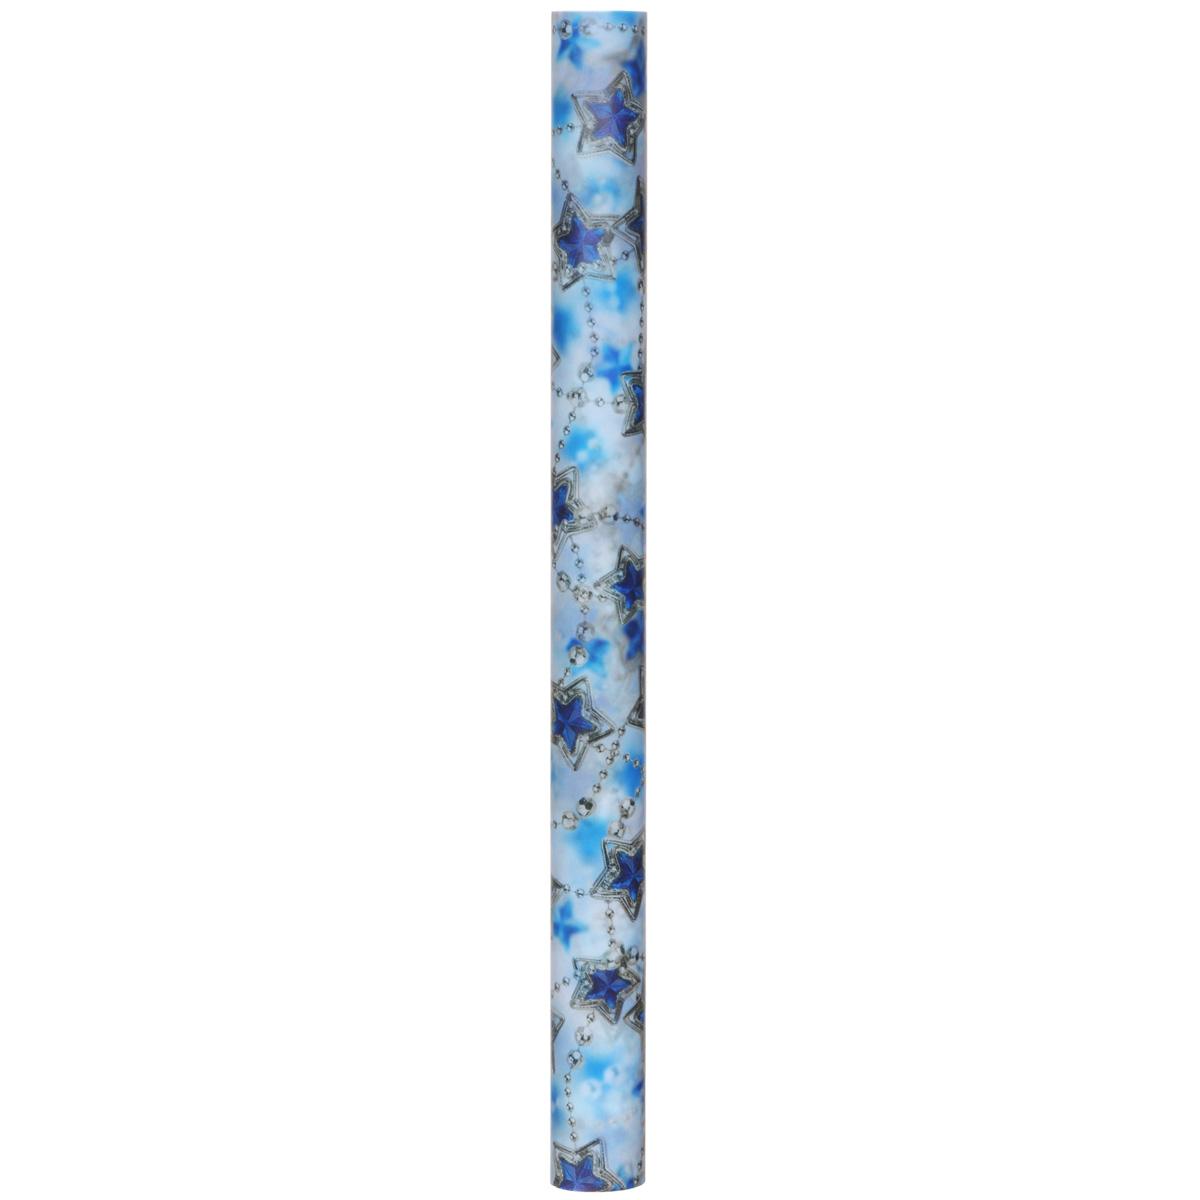 Транспарентная бумага Folia Цепочка из звезд, 50,5 x 70 см7708155Транспарентная бумага Folia Цепочка из звезд - полупрозрачная бумага с оригинальным дизайном в виде красивых звезд. Используется для изготовления открыток, для скрапбукинга и других декоративных или дизайнерских работ. Бумага прекрасно держит форму, не пачкает руки, отлично крепится. Конструирование из транспарентной бумаги - необходимый для развития детей процесс. Во время занятия аппликацией ребенок сумеет разработать четкость движений, ловкость пальцев, аккуратность и внимательность. Кроме того, транспарентная бумага позволит разнообразить идеи ребенка при создании творческих работ.